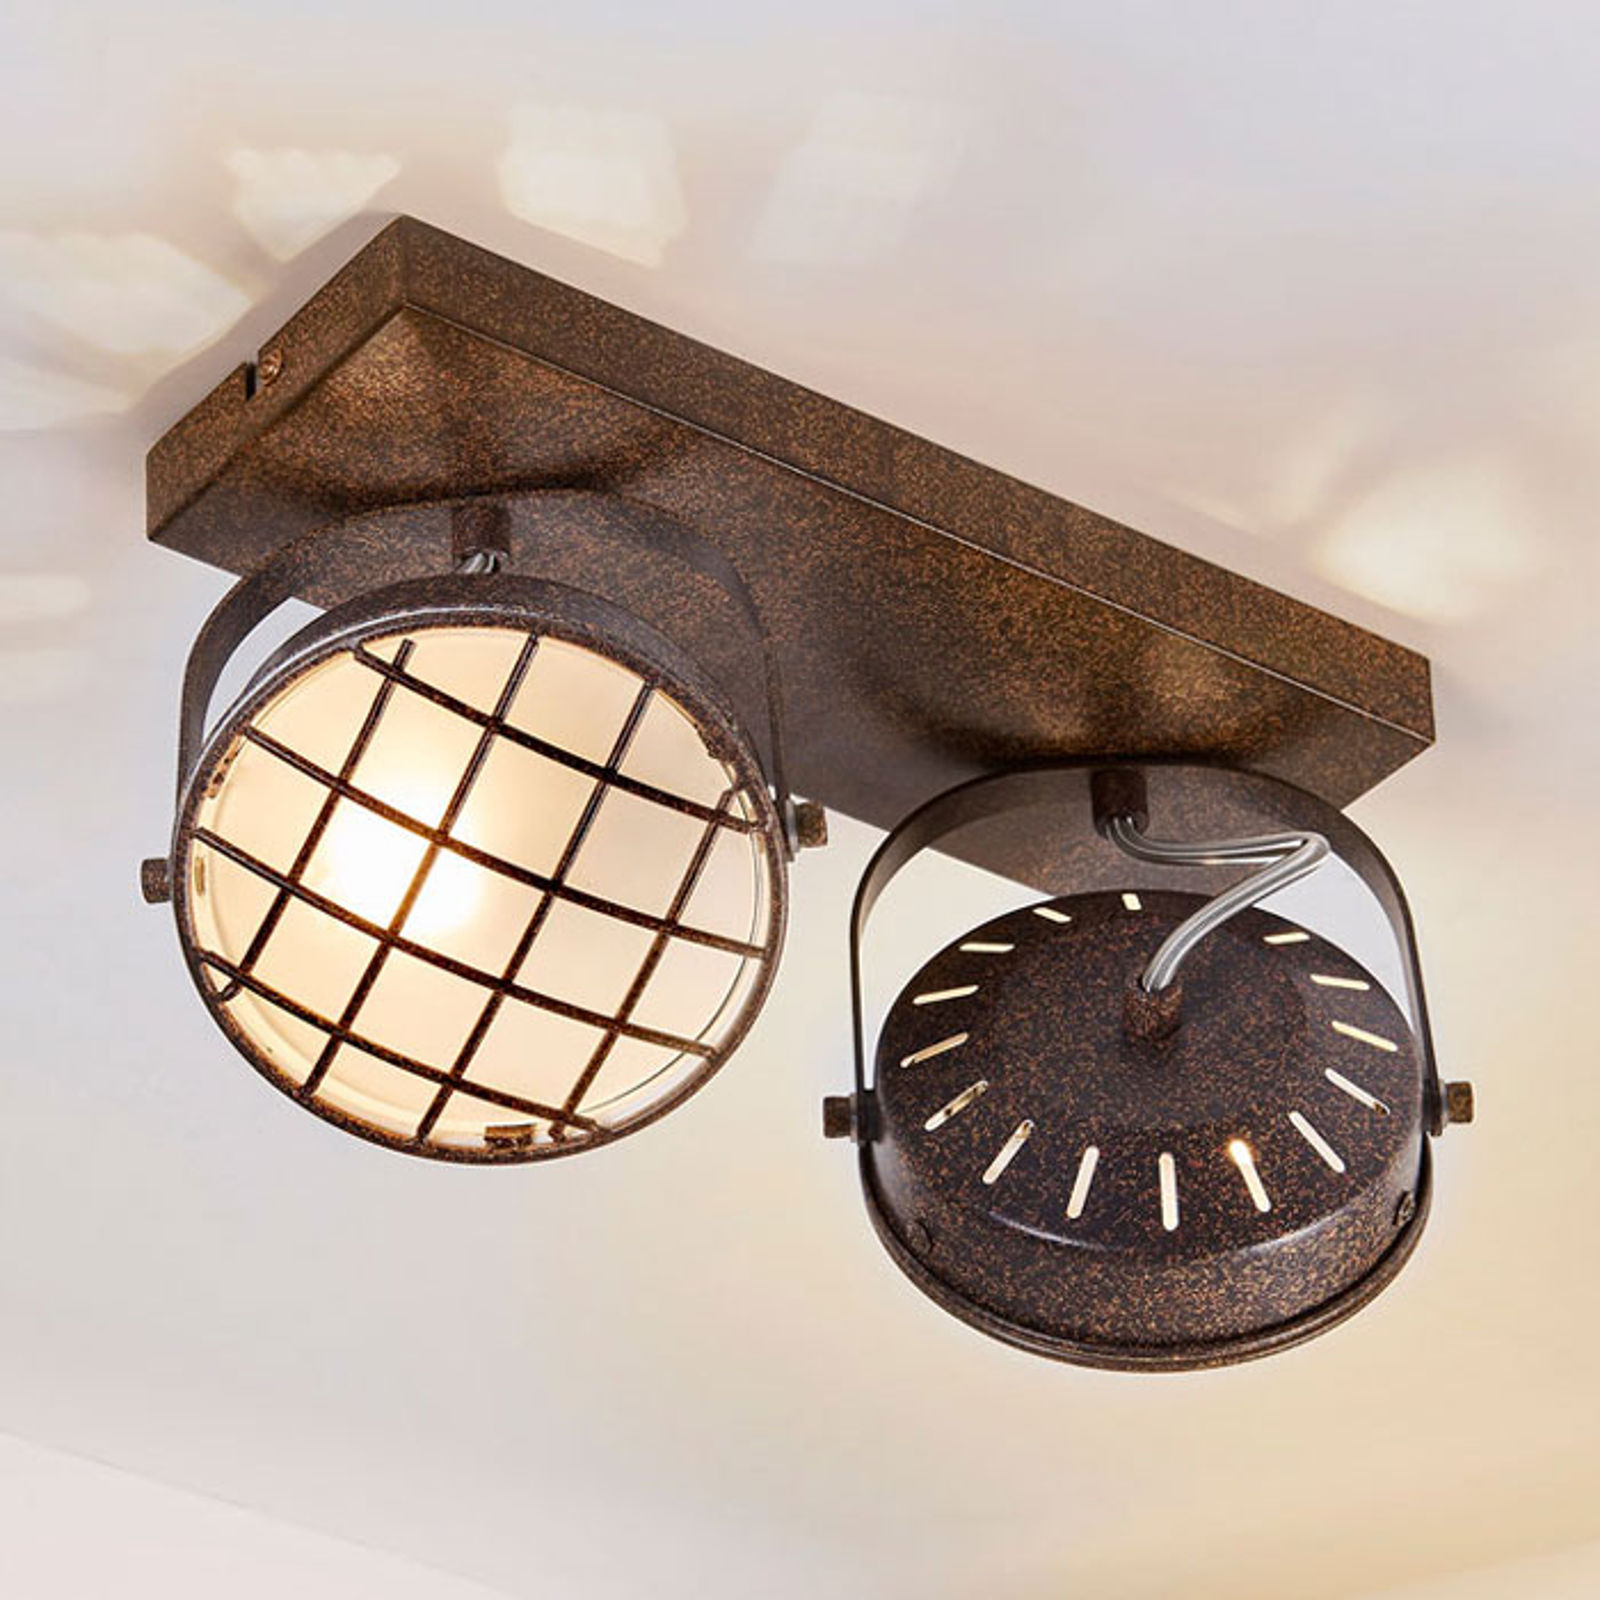 Rdzawobrązowa lampa sufitowa LED Tamin, 2-punktowa